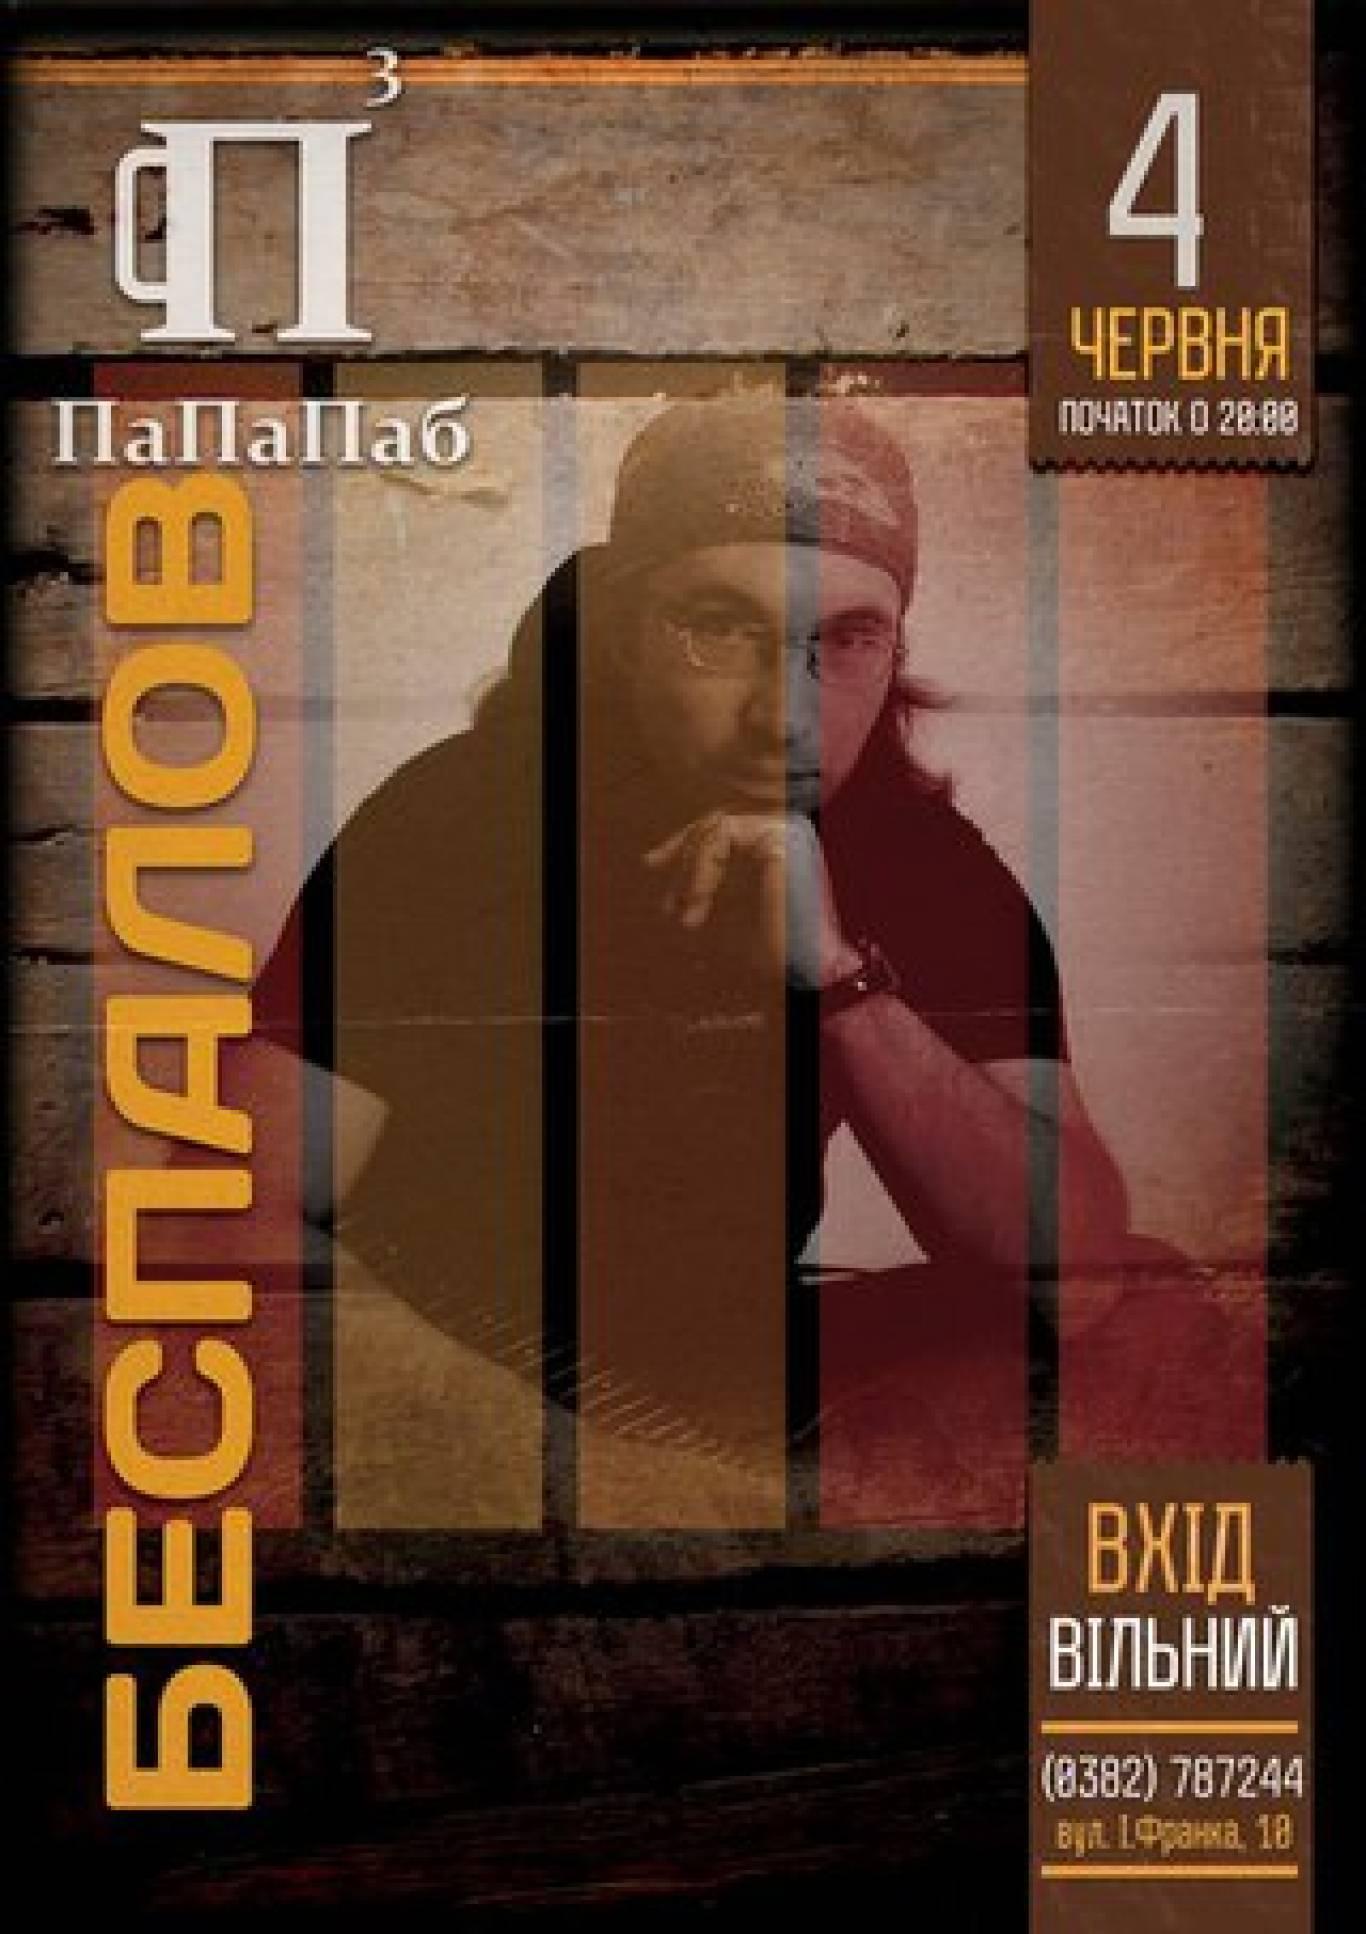 Концерт співака Безпалова, ПаПаПаб